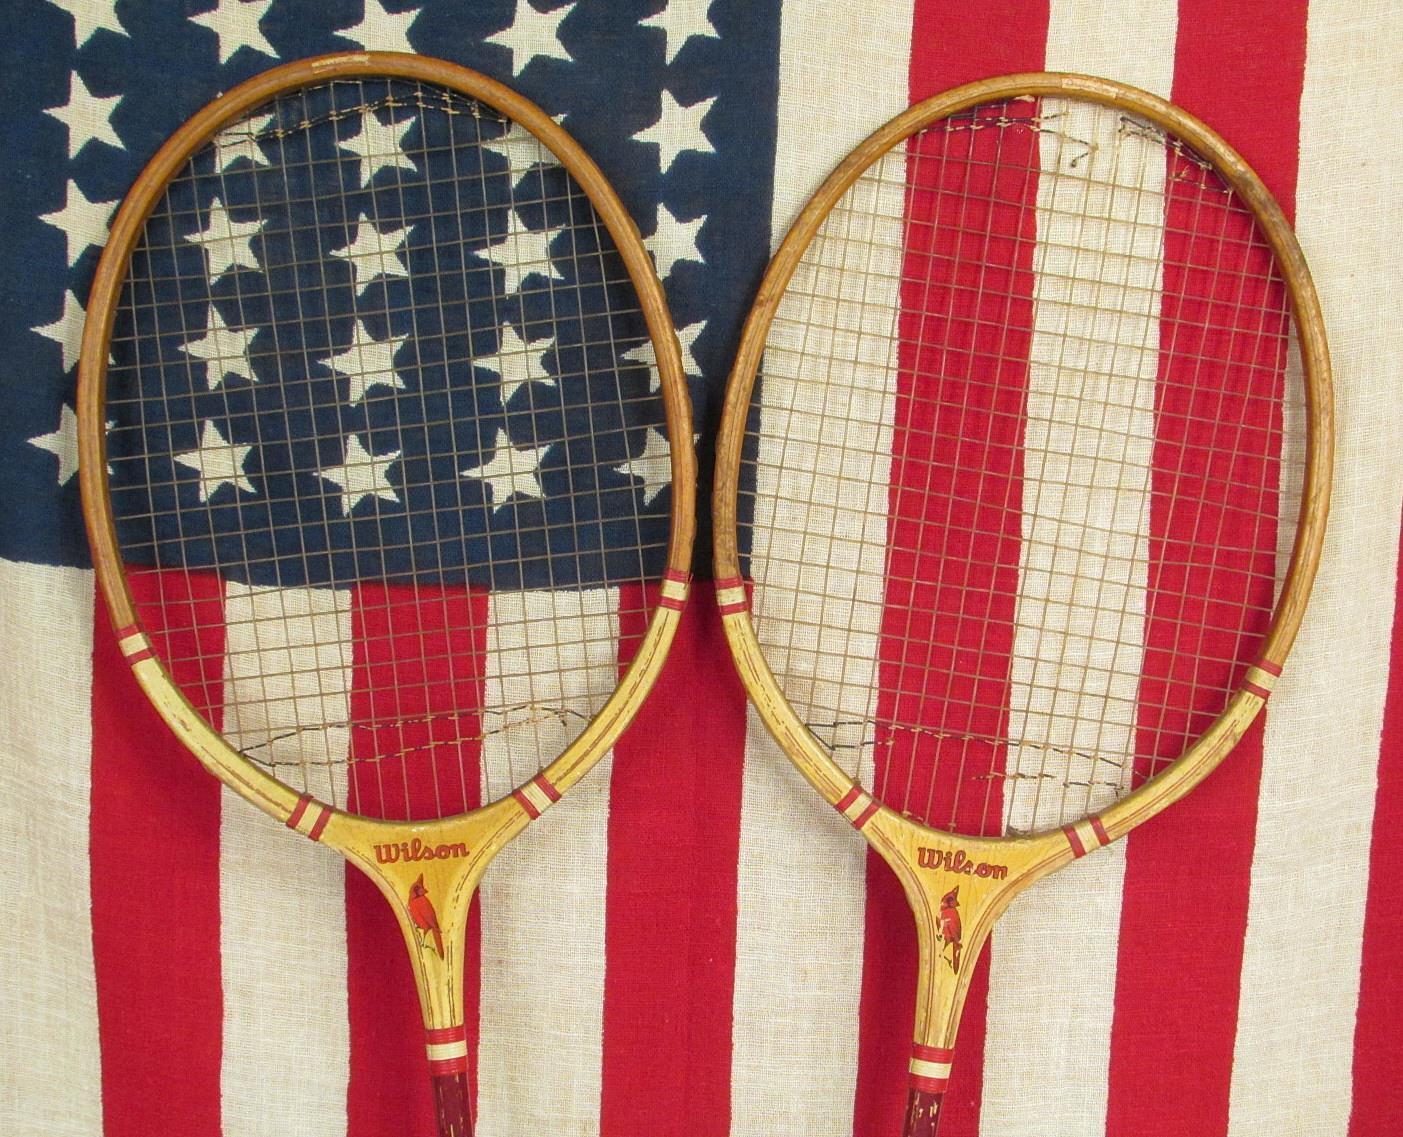 Vintage Par Wilson Madera badminton raquetas cardenal Modelo Antiguo Decoración Decoración Decoración de parojo a665e7